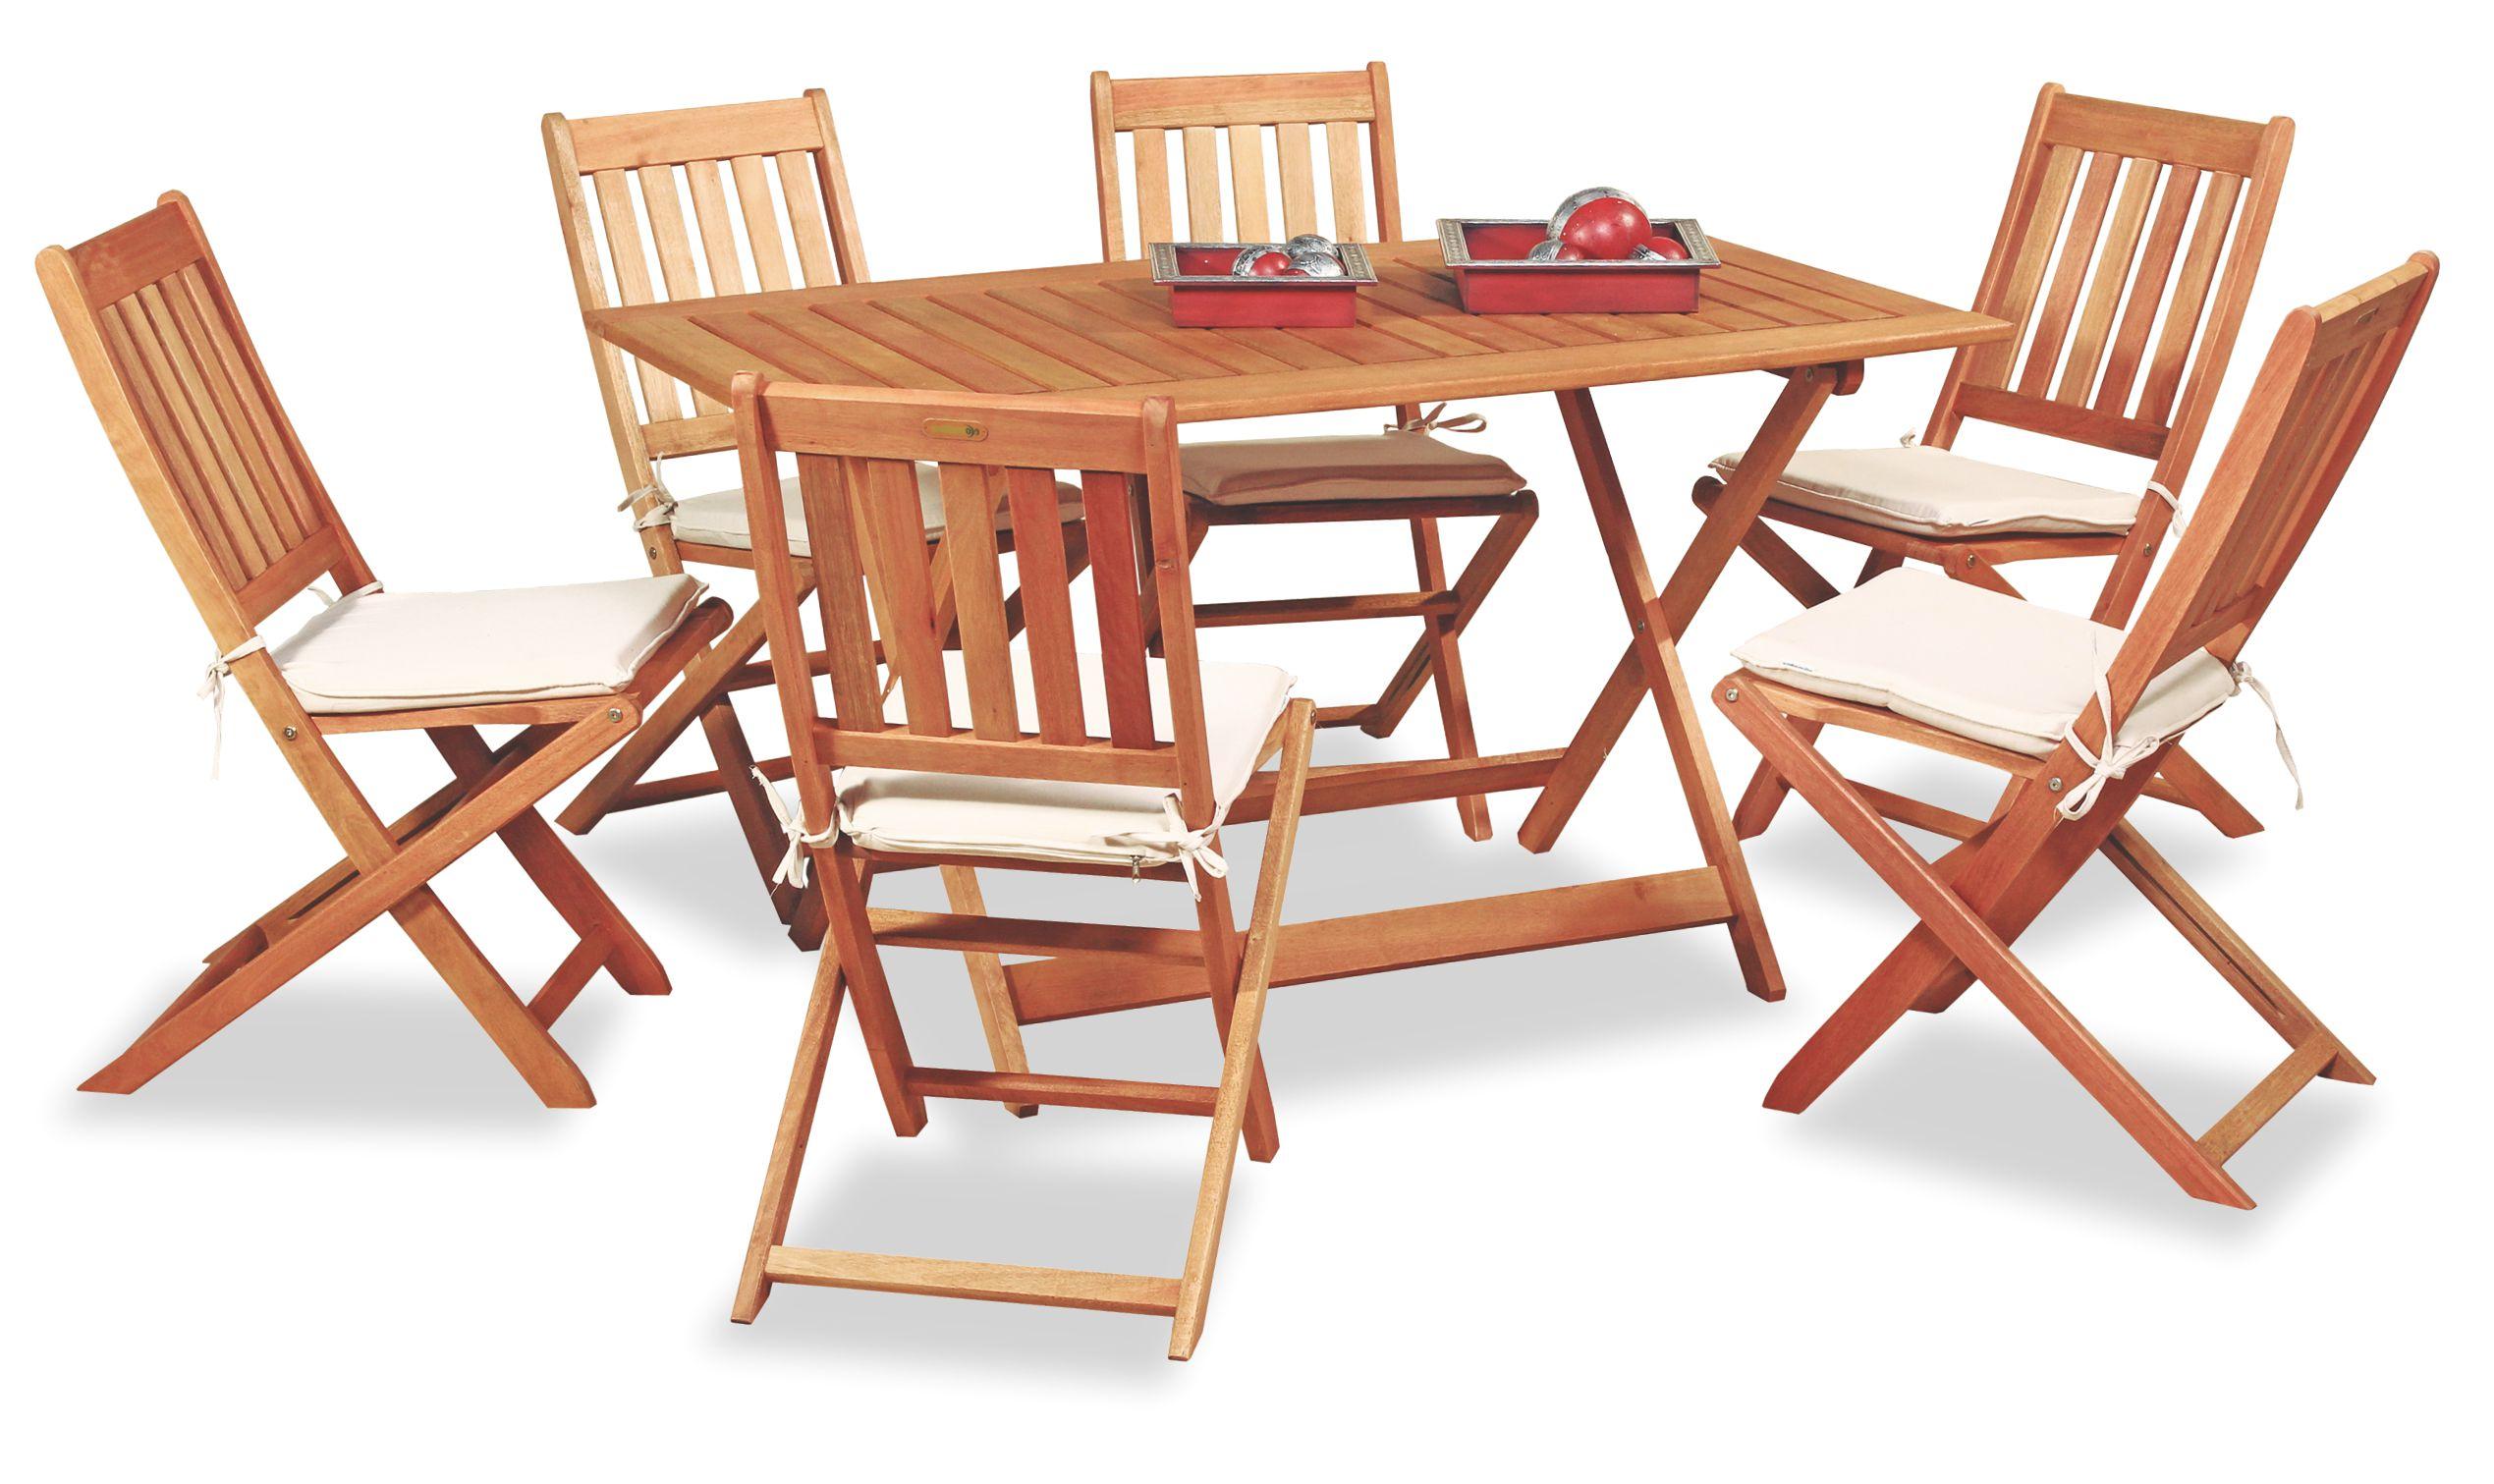 Confort y muebles tienda online de productos de madera for Mesas de exterior plegables